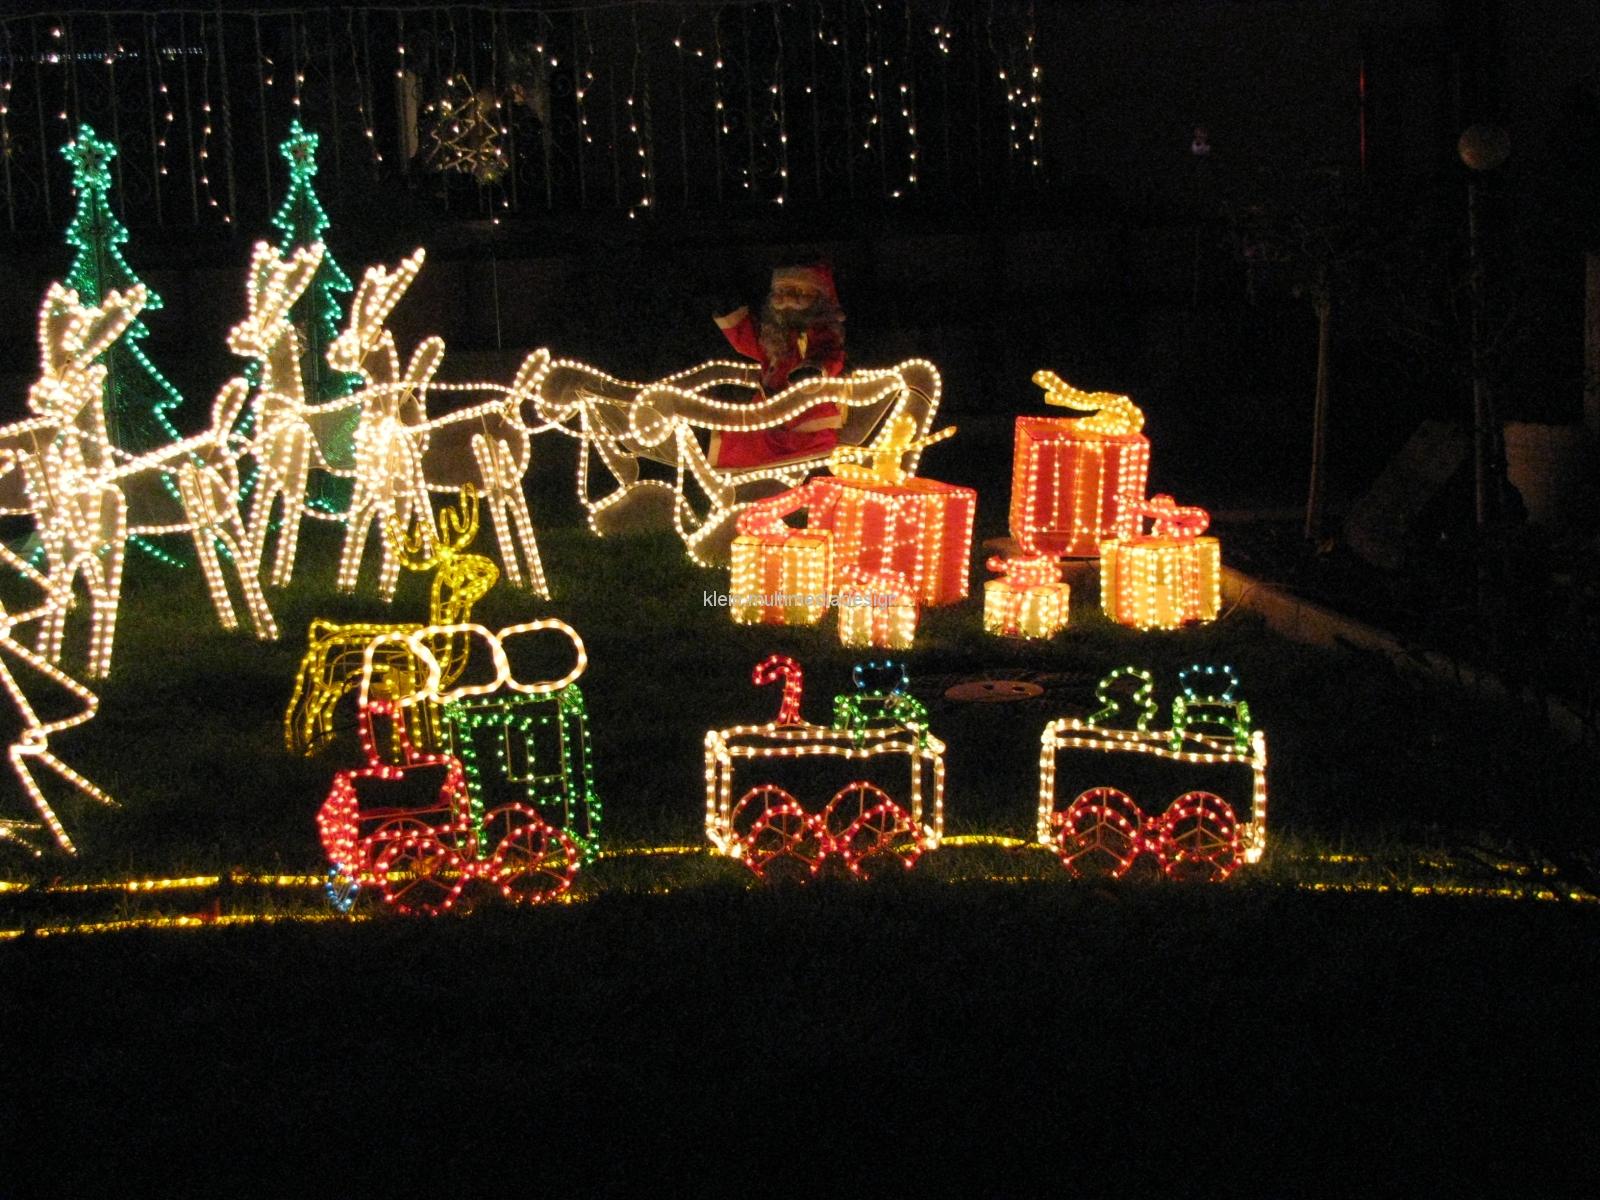 Möglingen Weihnachtsbeleuchtung 3